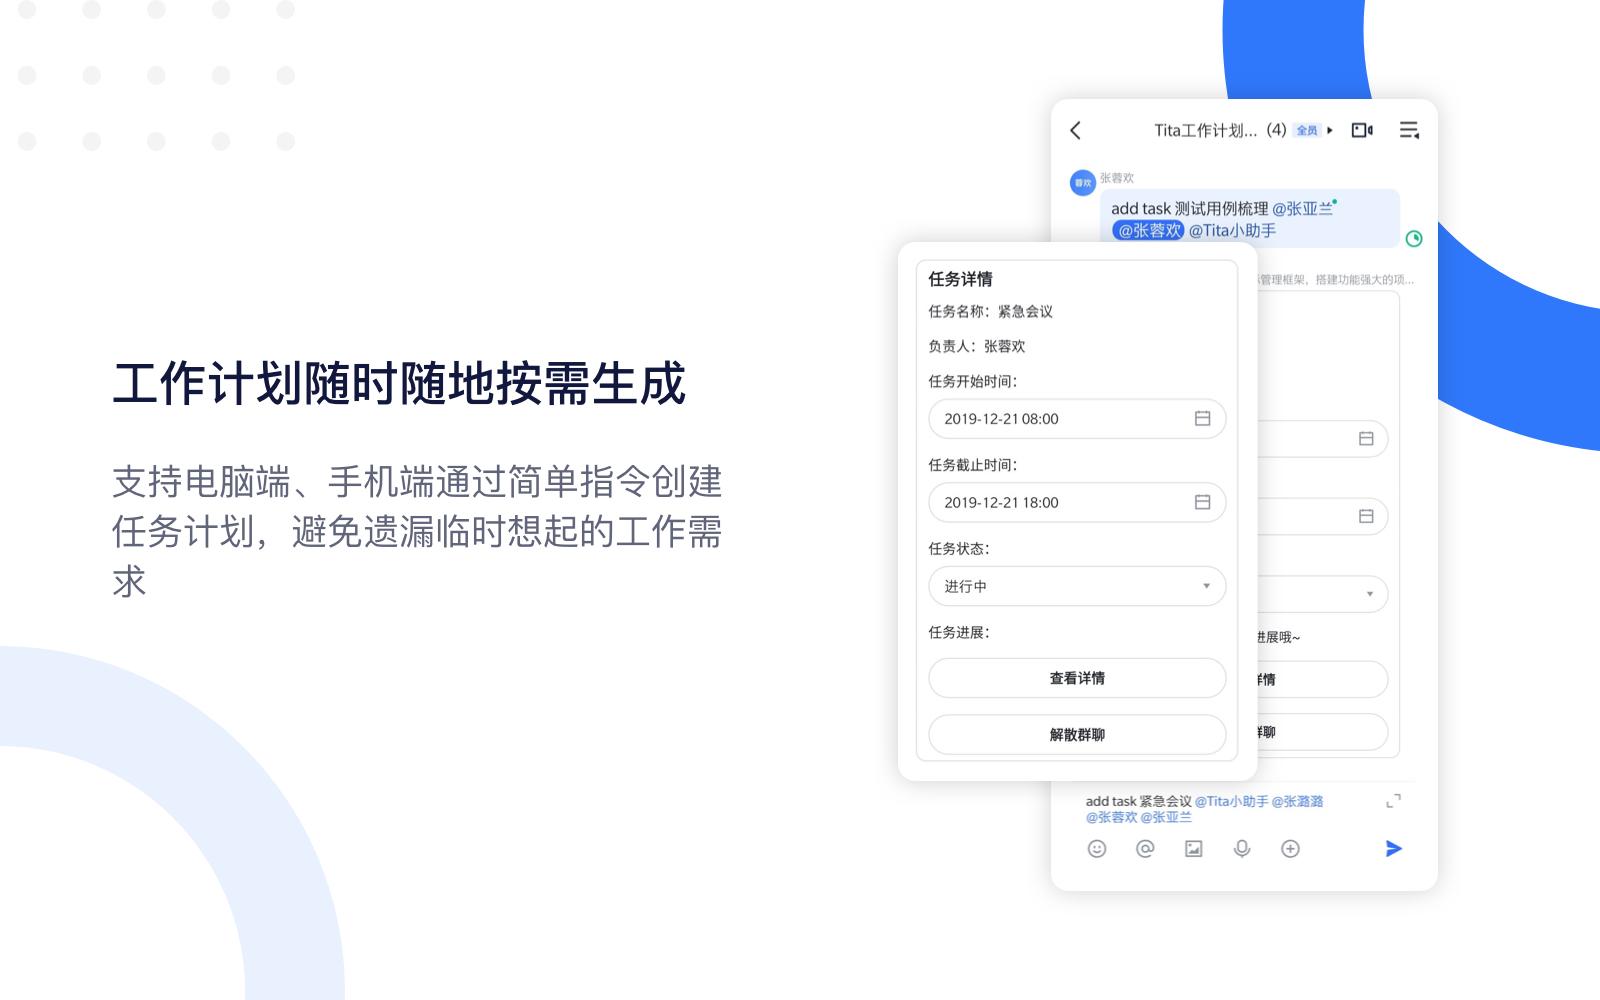 飞书应用商店   《Tita OKR》应用发布